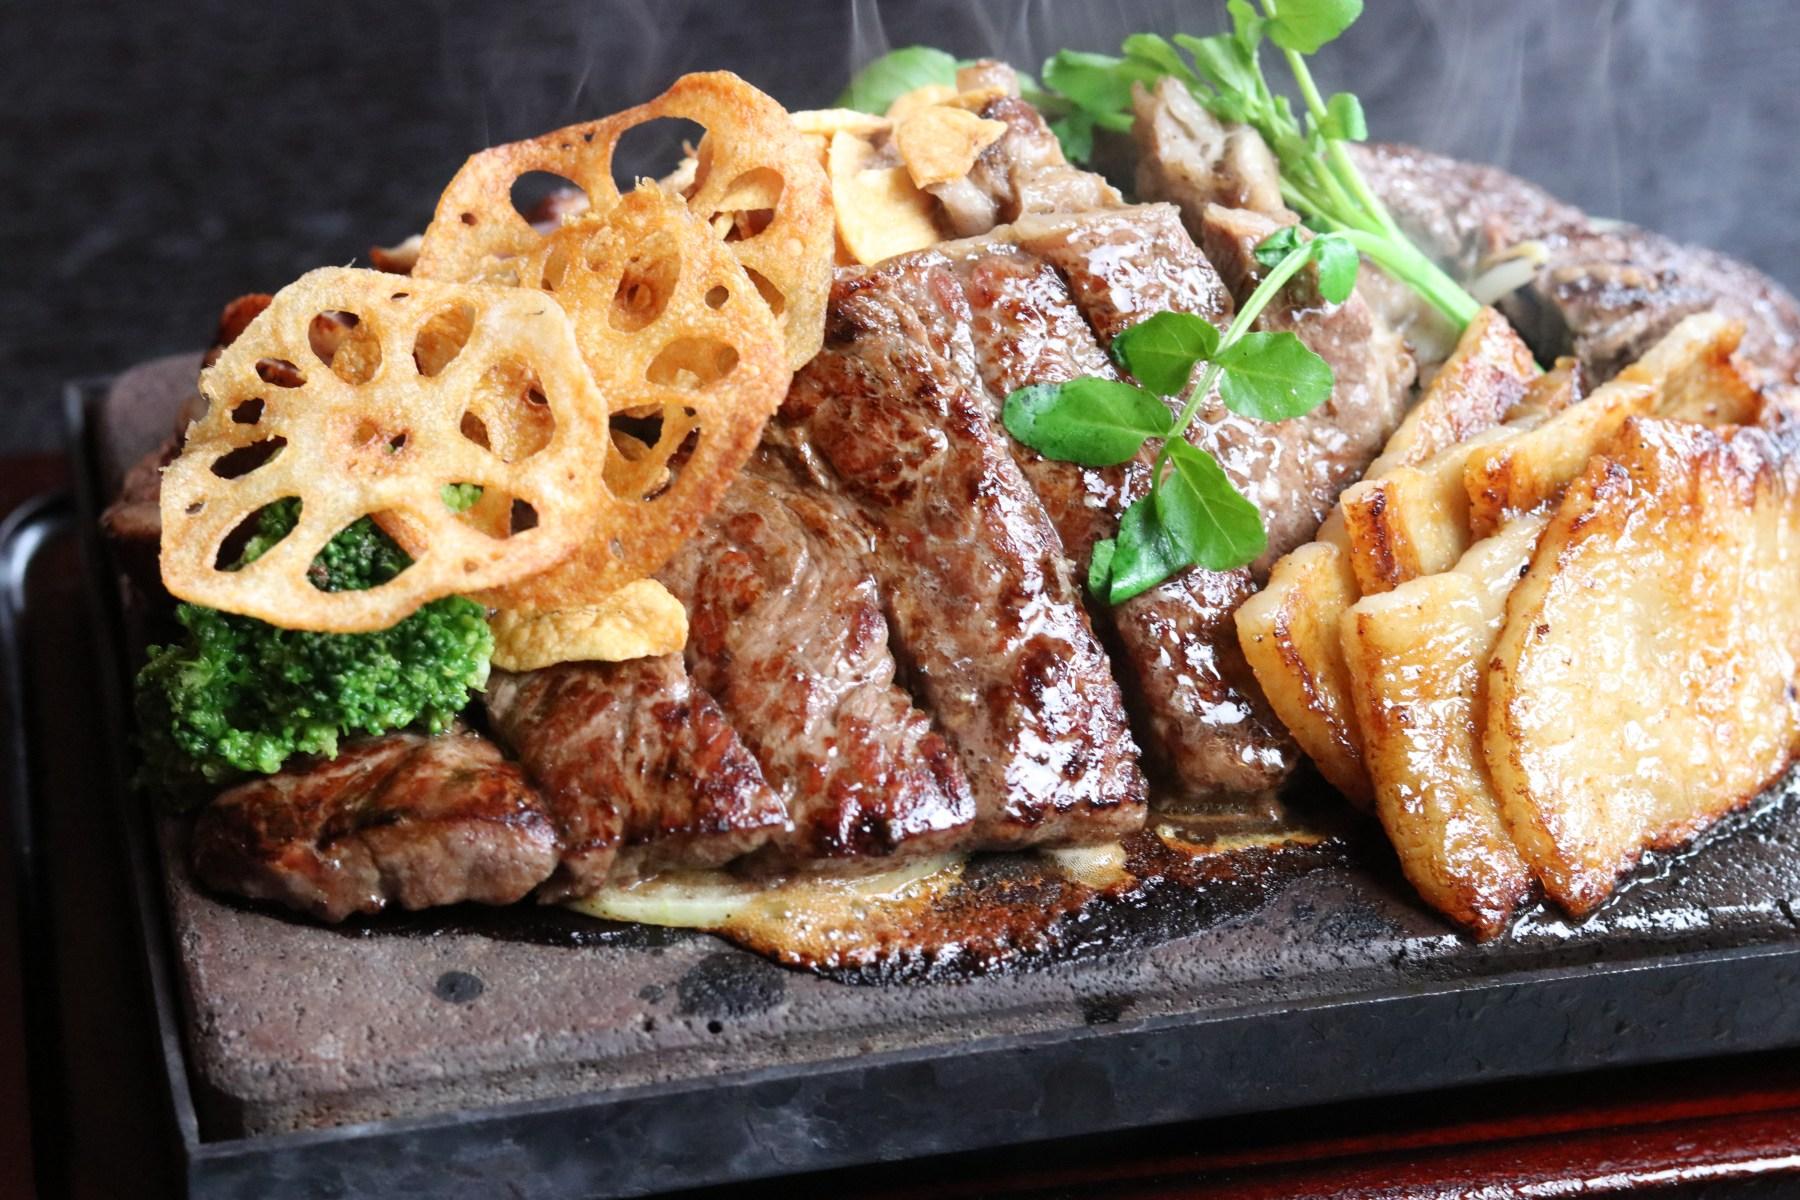 2月9日(肉の日)は「ステーキハウス 大和」!! 3日間限定でステーキ定食が特別価格に!!